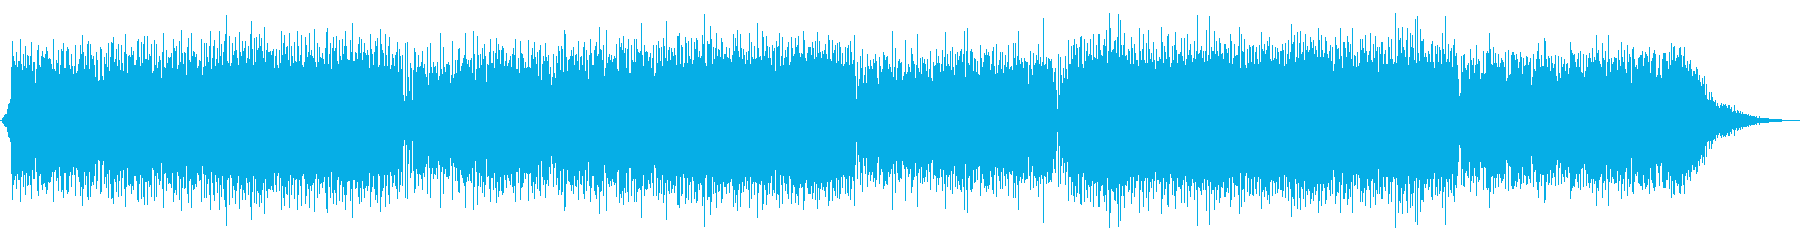 何か楽しそうな予感がするピアノポップの再生済みの波形